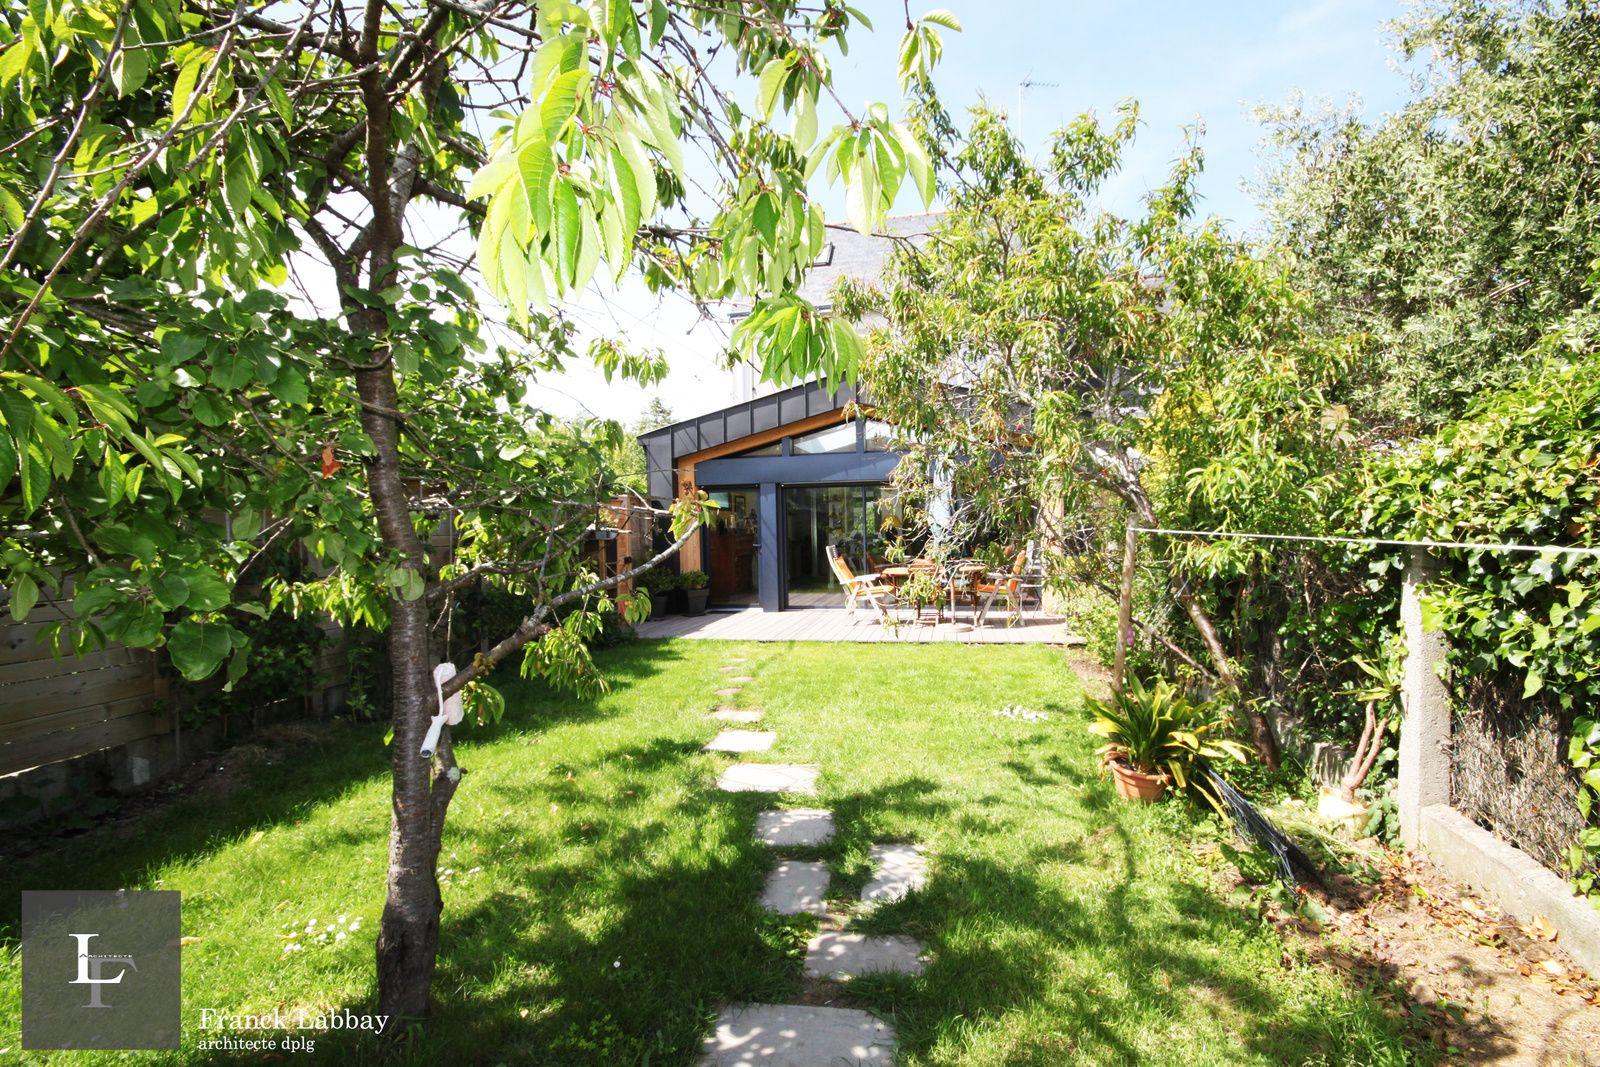 Maison J. - Extension en bois et zinc noir d'une maison bretonne des années 40 - Larmor-Plage ...